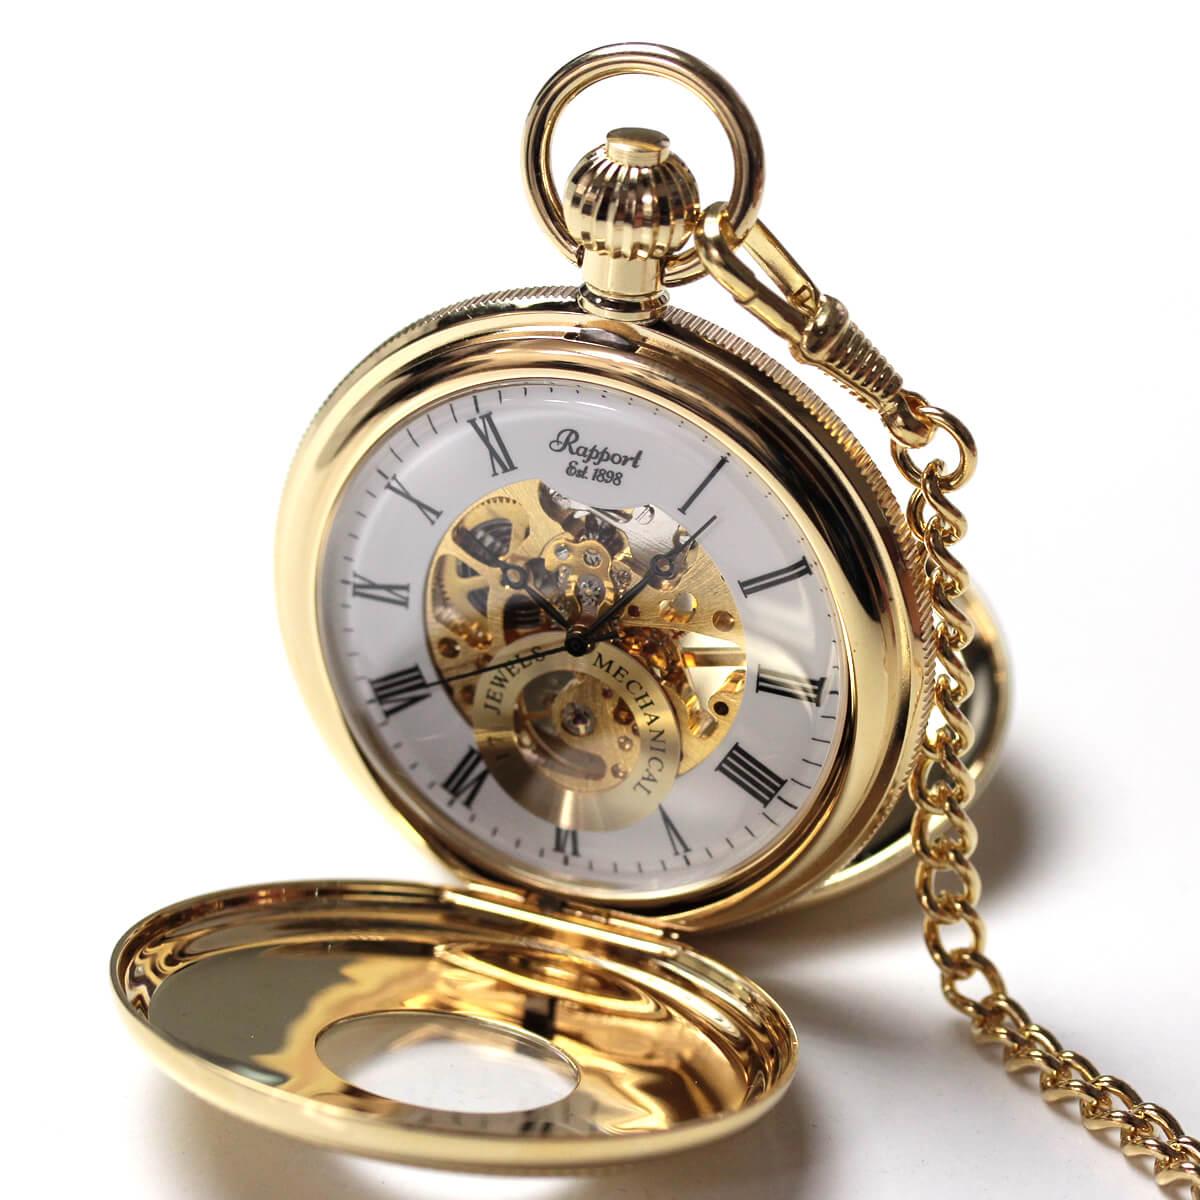 イギリスブランド rapport(ラポート) 懐中時計 pw48 ゴールドカラーの両蓋開きスケルトンモデル